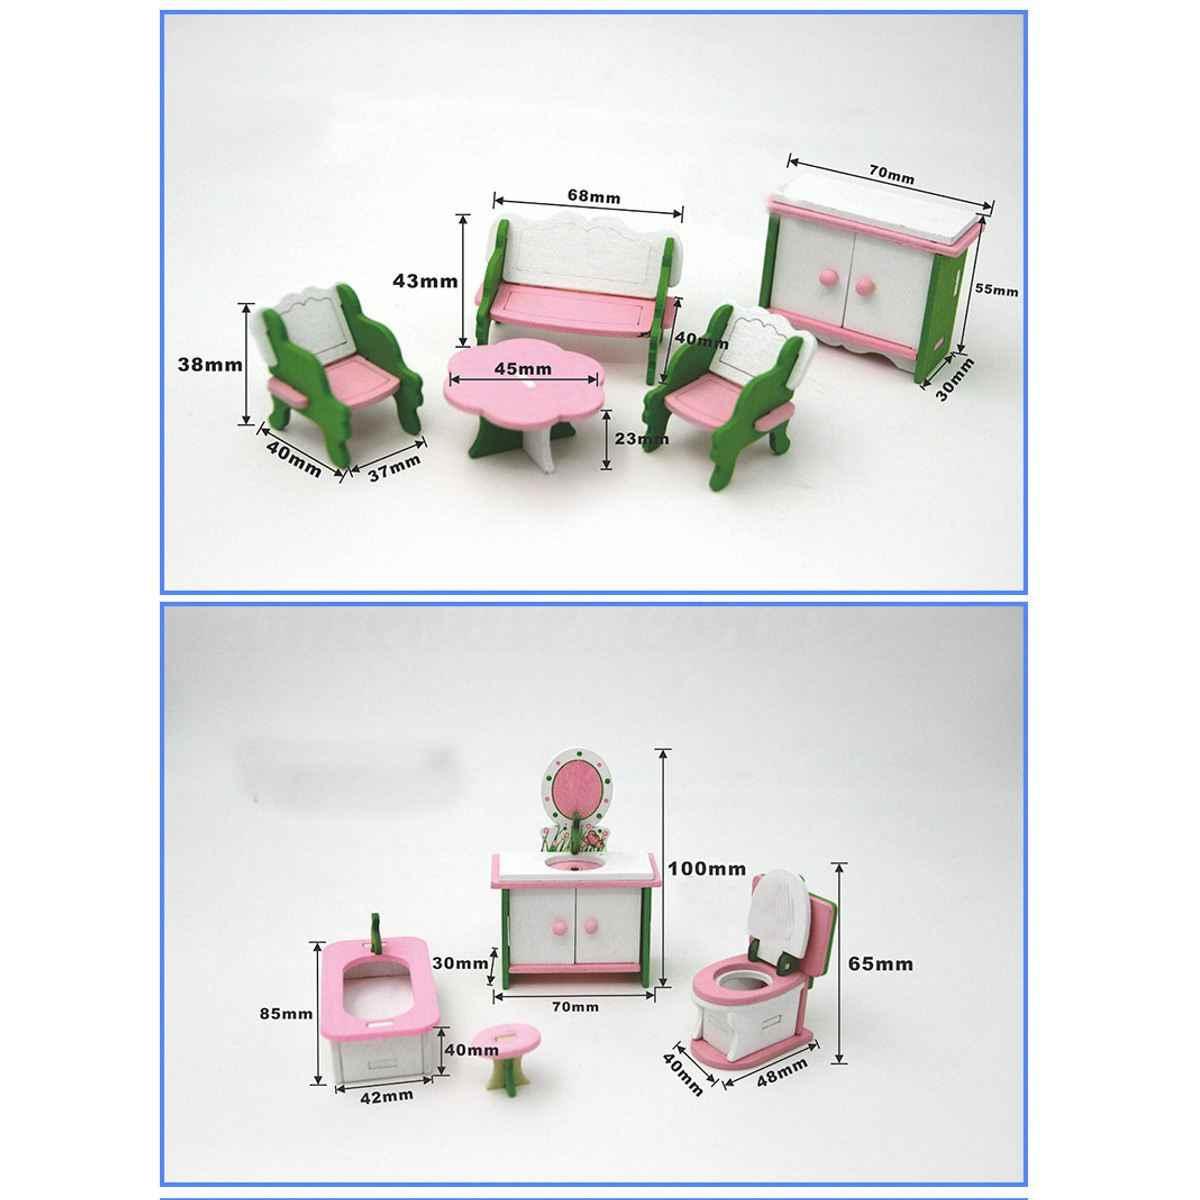 Cosas De Madera Para Bebes.49 Uds 11 Juegos De Muebles De Madera Para Bebes Casa De Munecas En Miniatura Juguetes Para Ninos Regalos